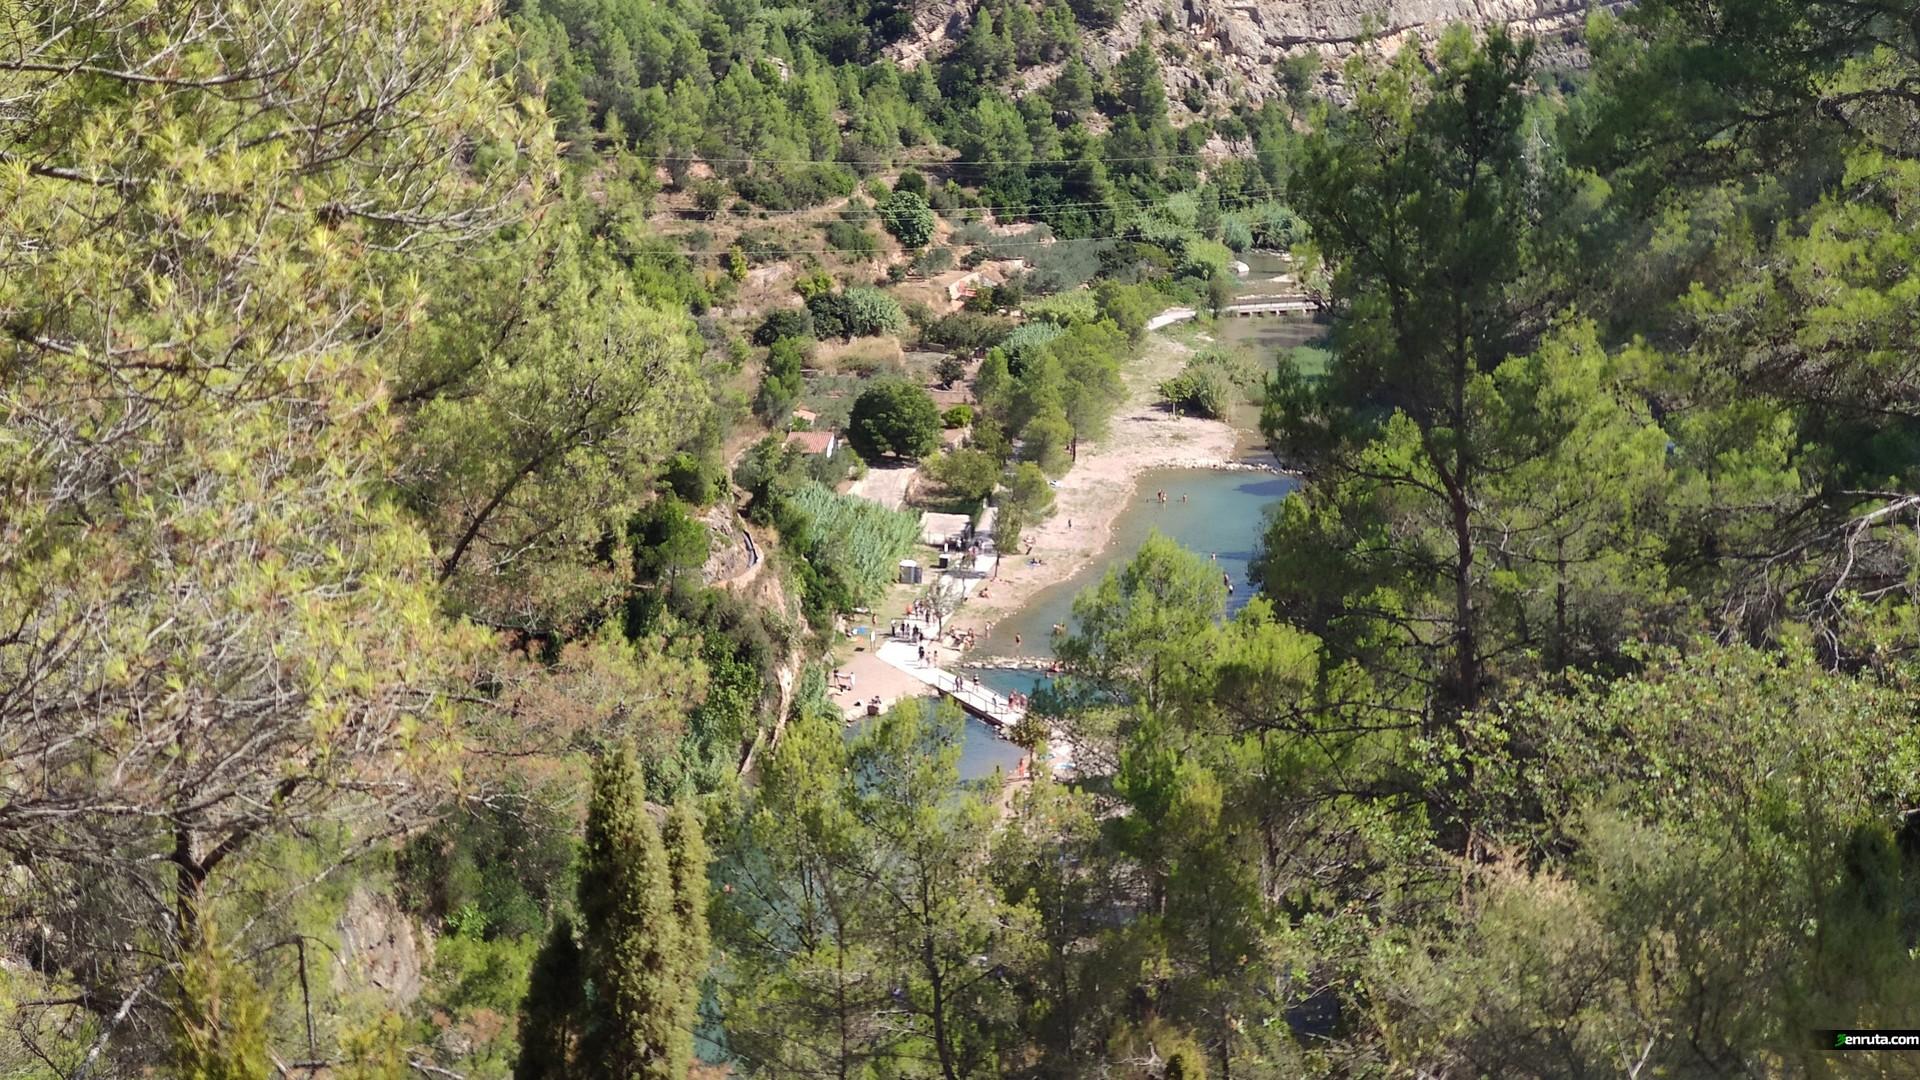 Vista de la Fuente de los Baños desde la senda